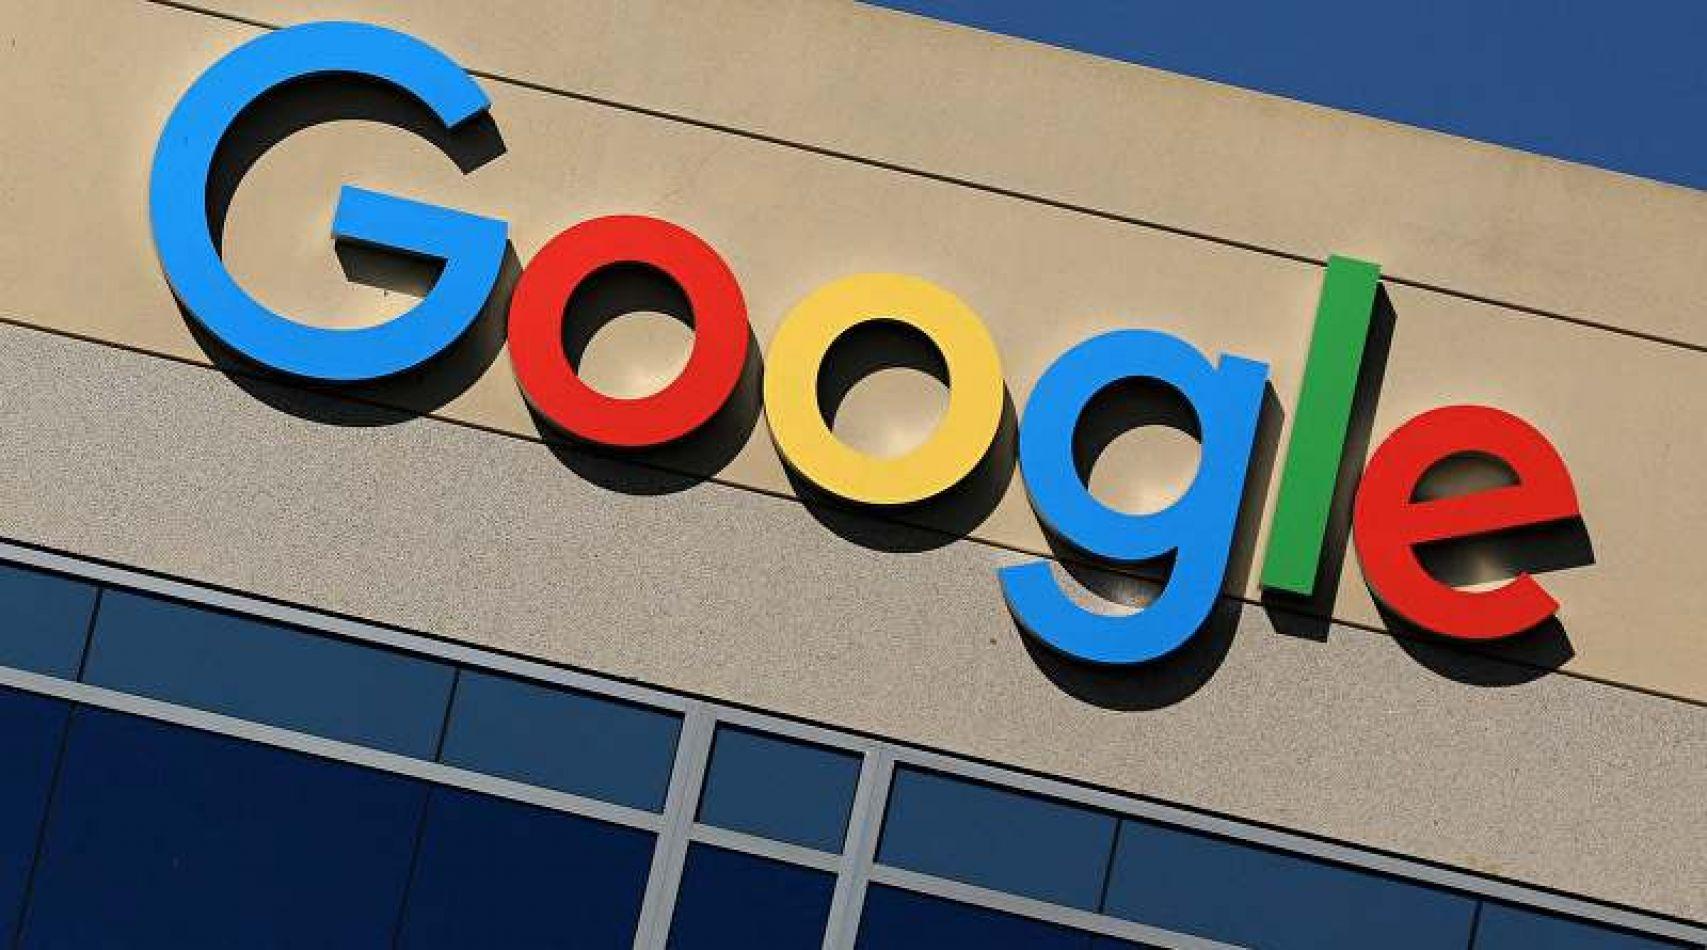 Google lanza un programa de pasantías para estudiantes argentinos: cómo postularse